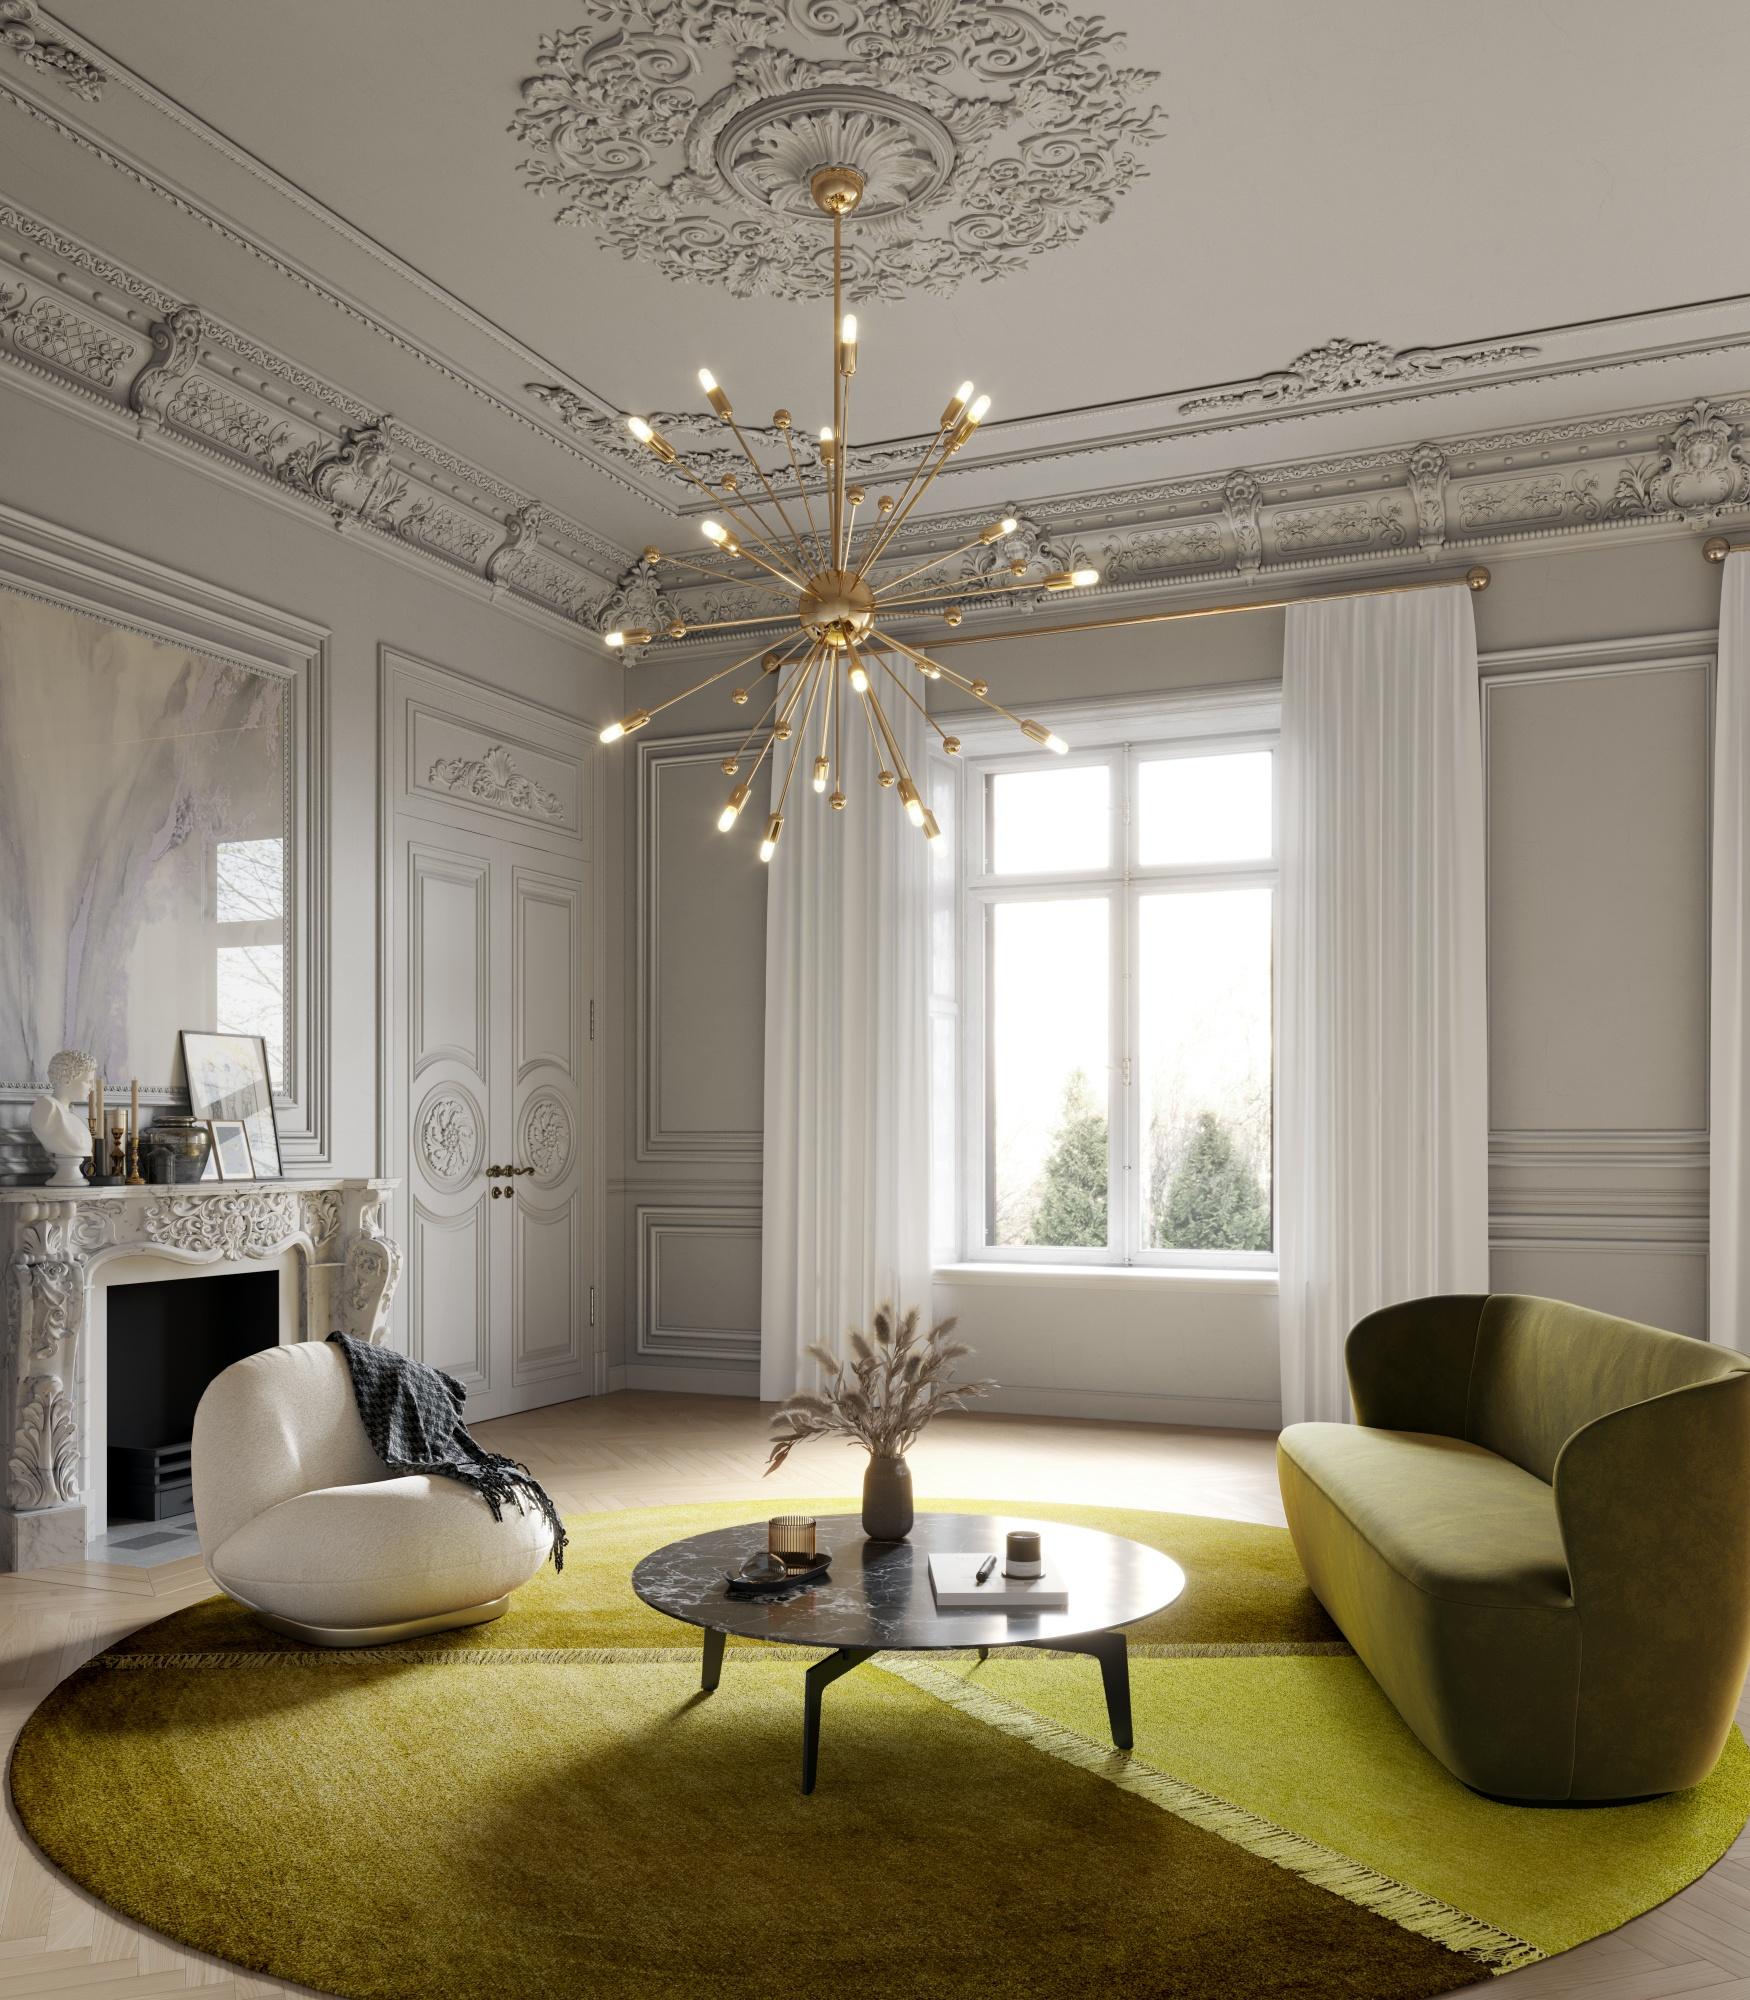 Luxury Parisian appartment